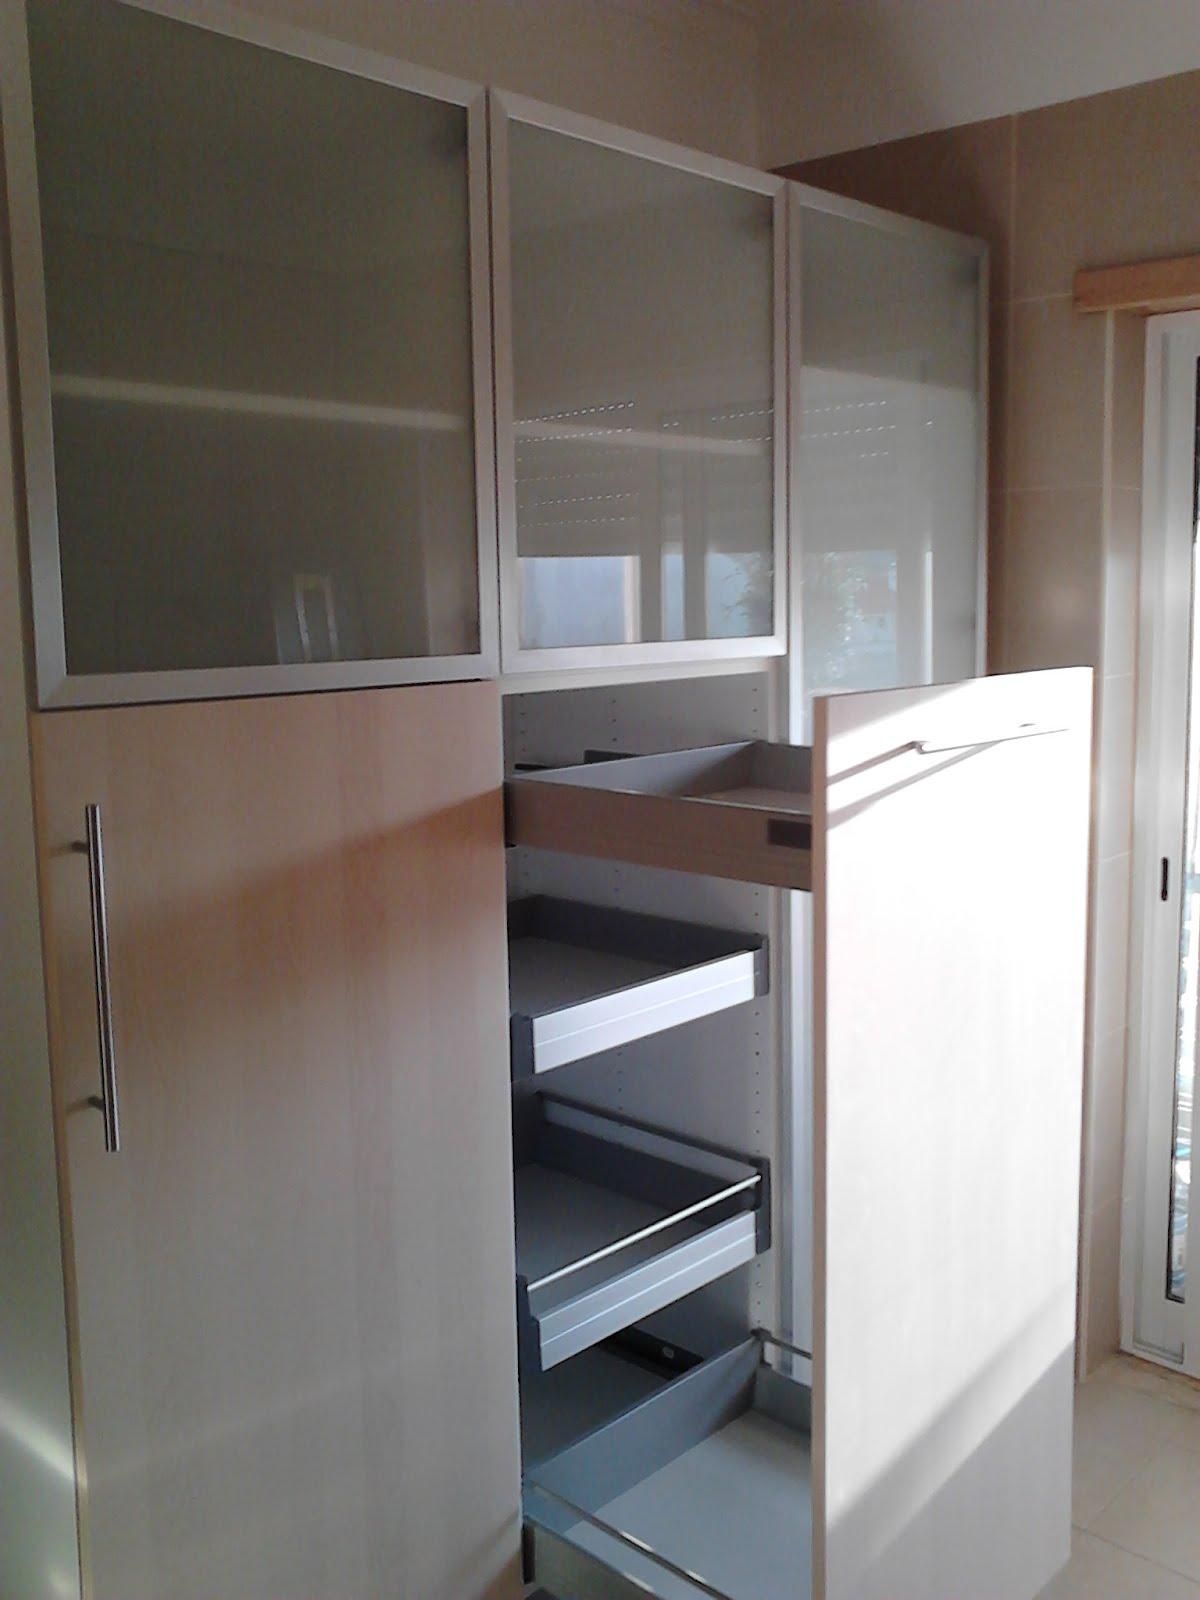 Construção Civil Unipessoal Lda: Montagem móveis cozinha Ikea #5F4E41 1200 1600